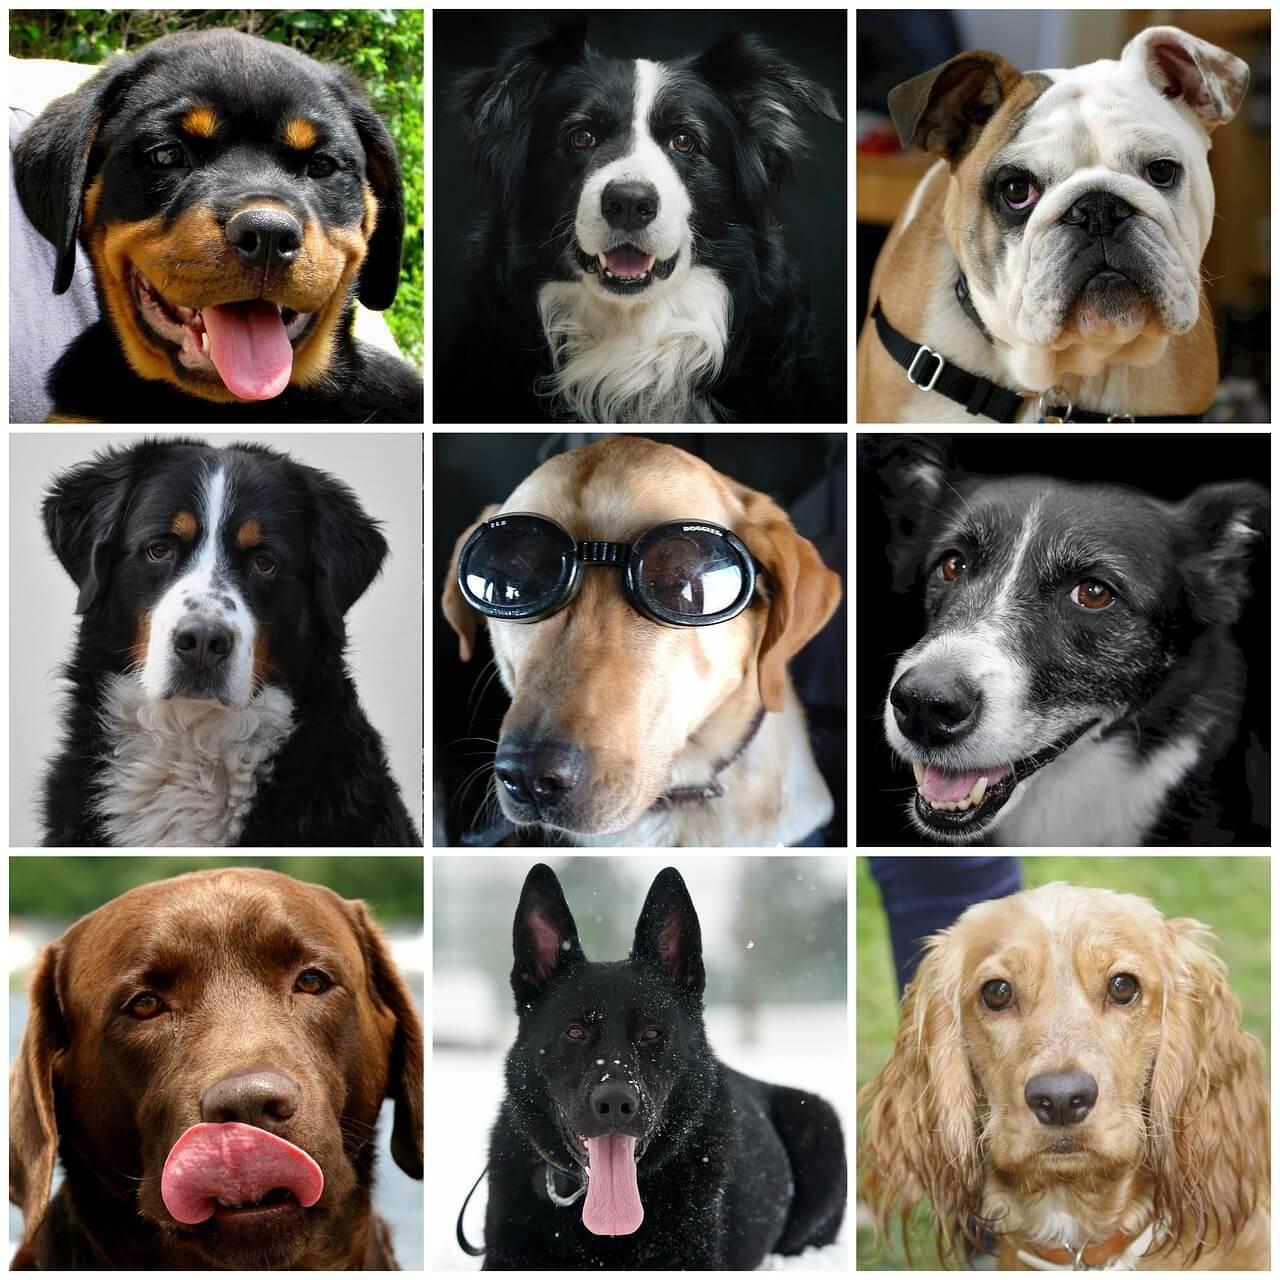 Картинки с породами собак и название этих собак, пусть сбываются мечты